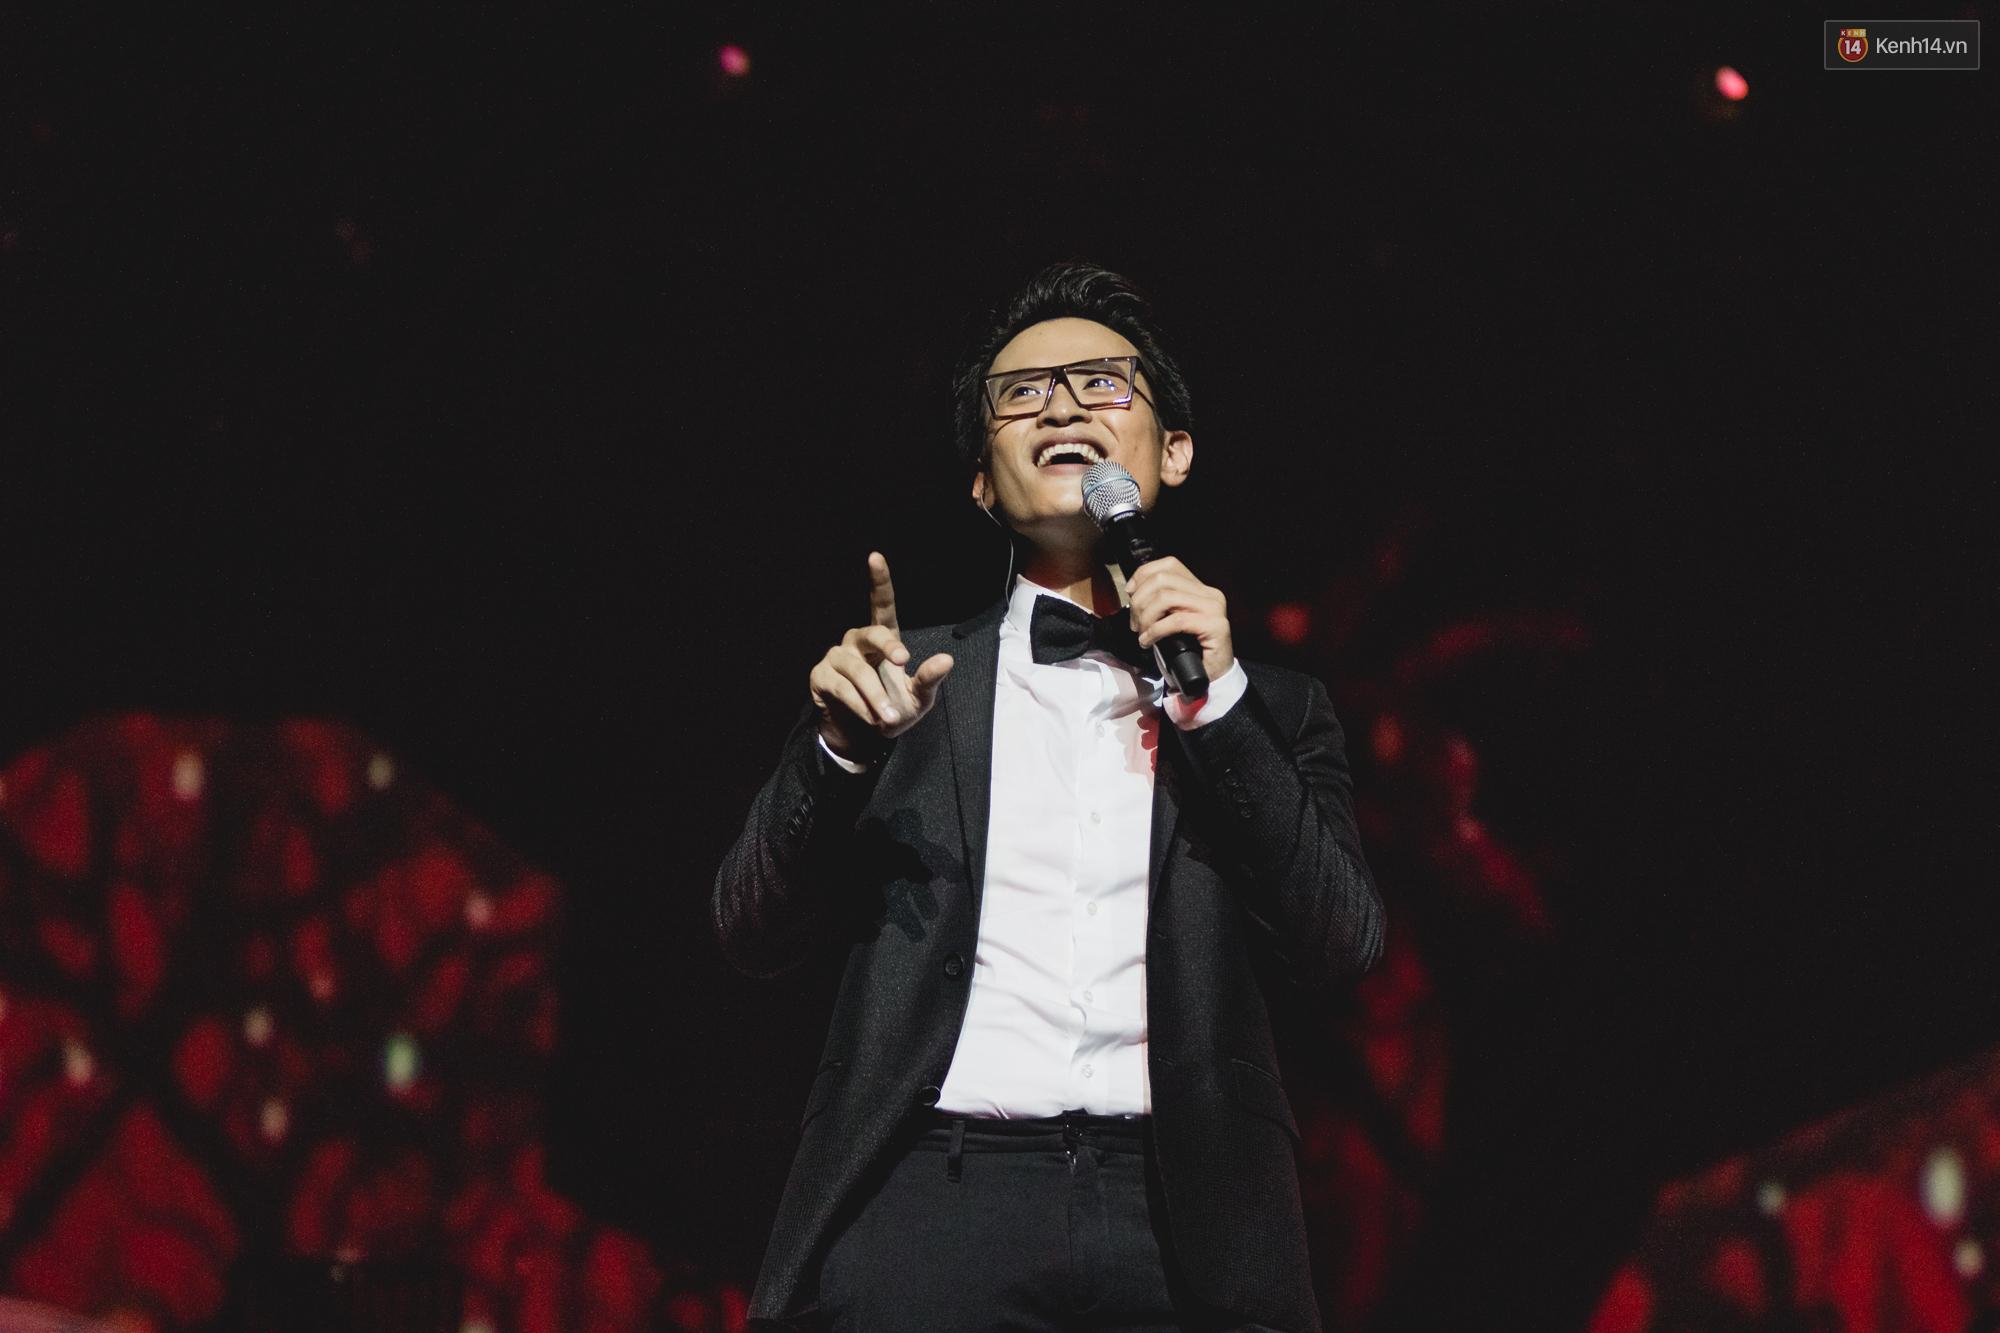 Hà Anh Tuấn khiến fan phát cuồng khi bất ngờ hát Người tình mùa đông trong đêm thứ hai của concert - Ảnh 2.